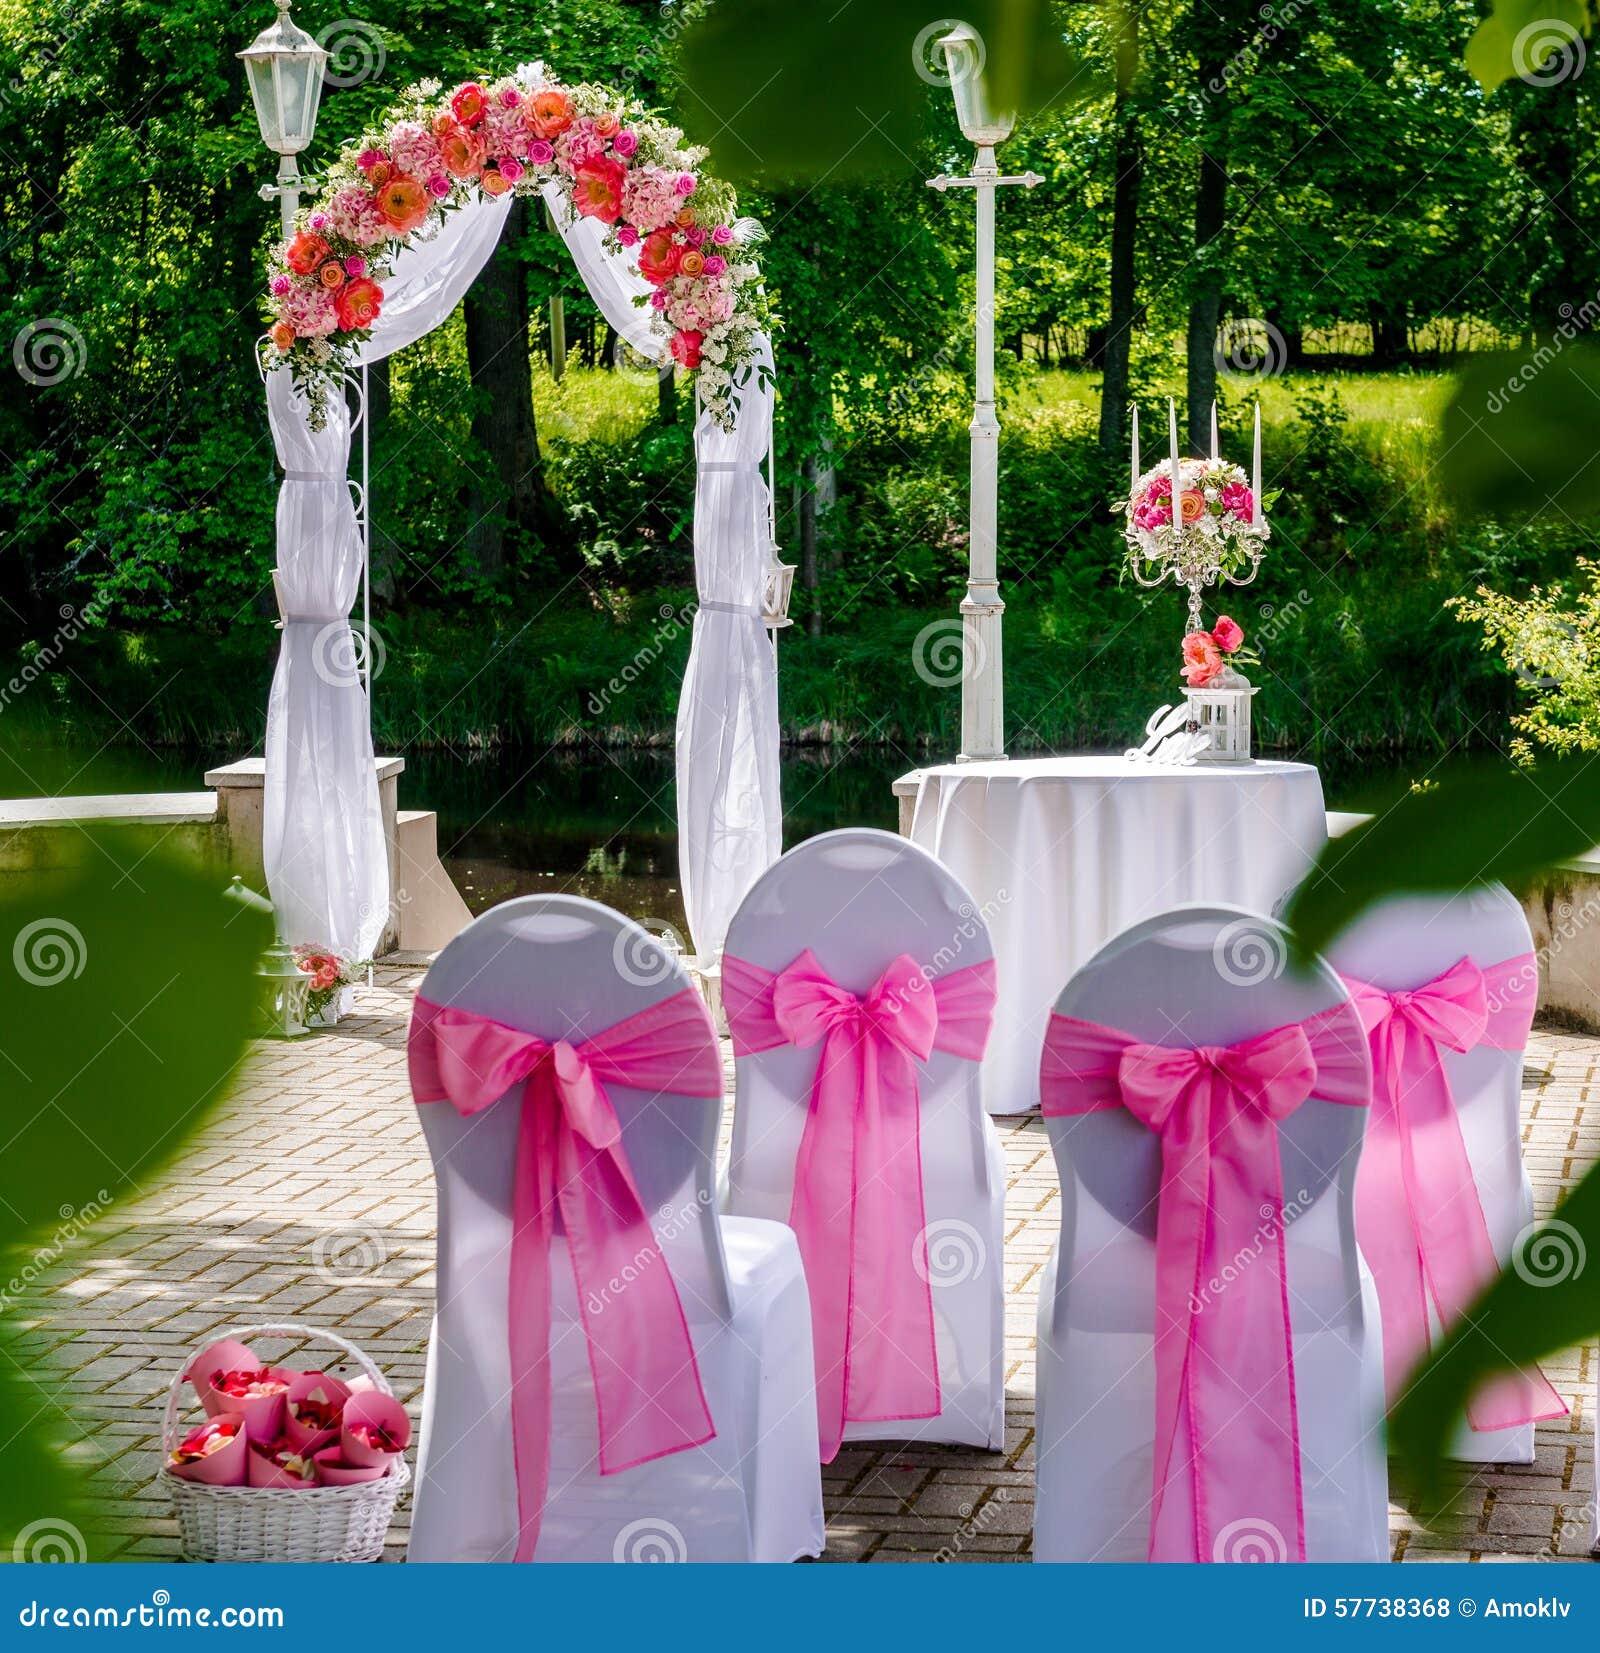 Wonderful Mariage A L Exterieur #5: Voûte De Mariage à Lu0027extérieur Photos Libres De Droits